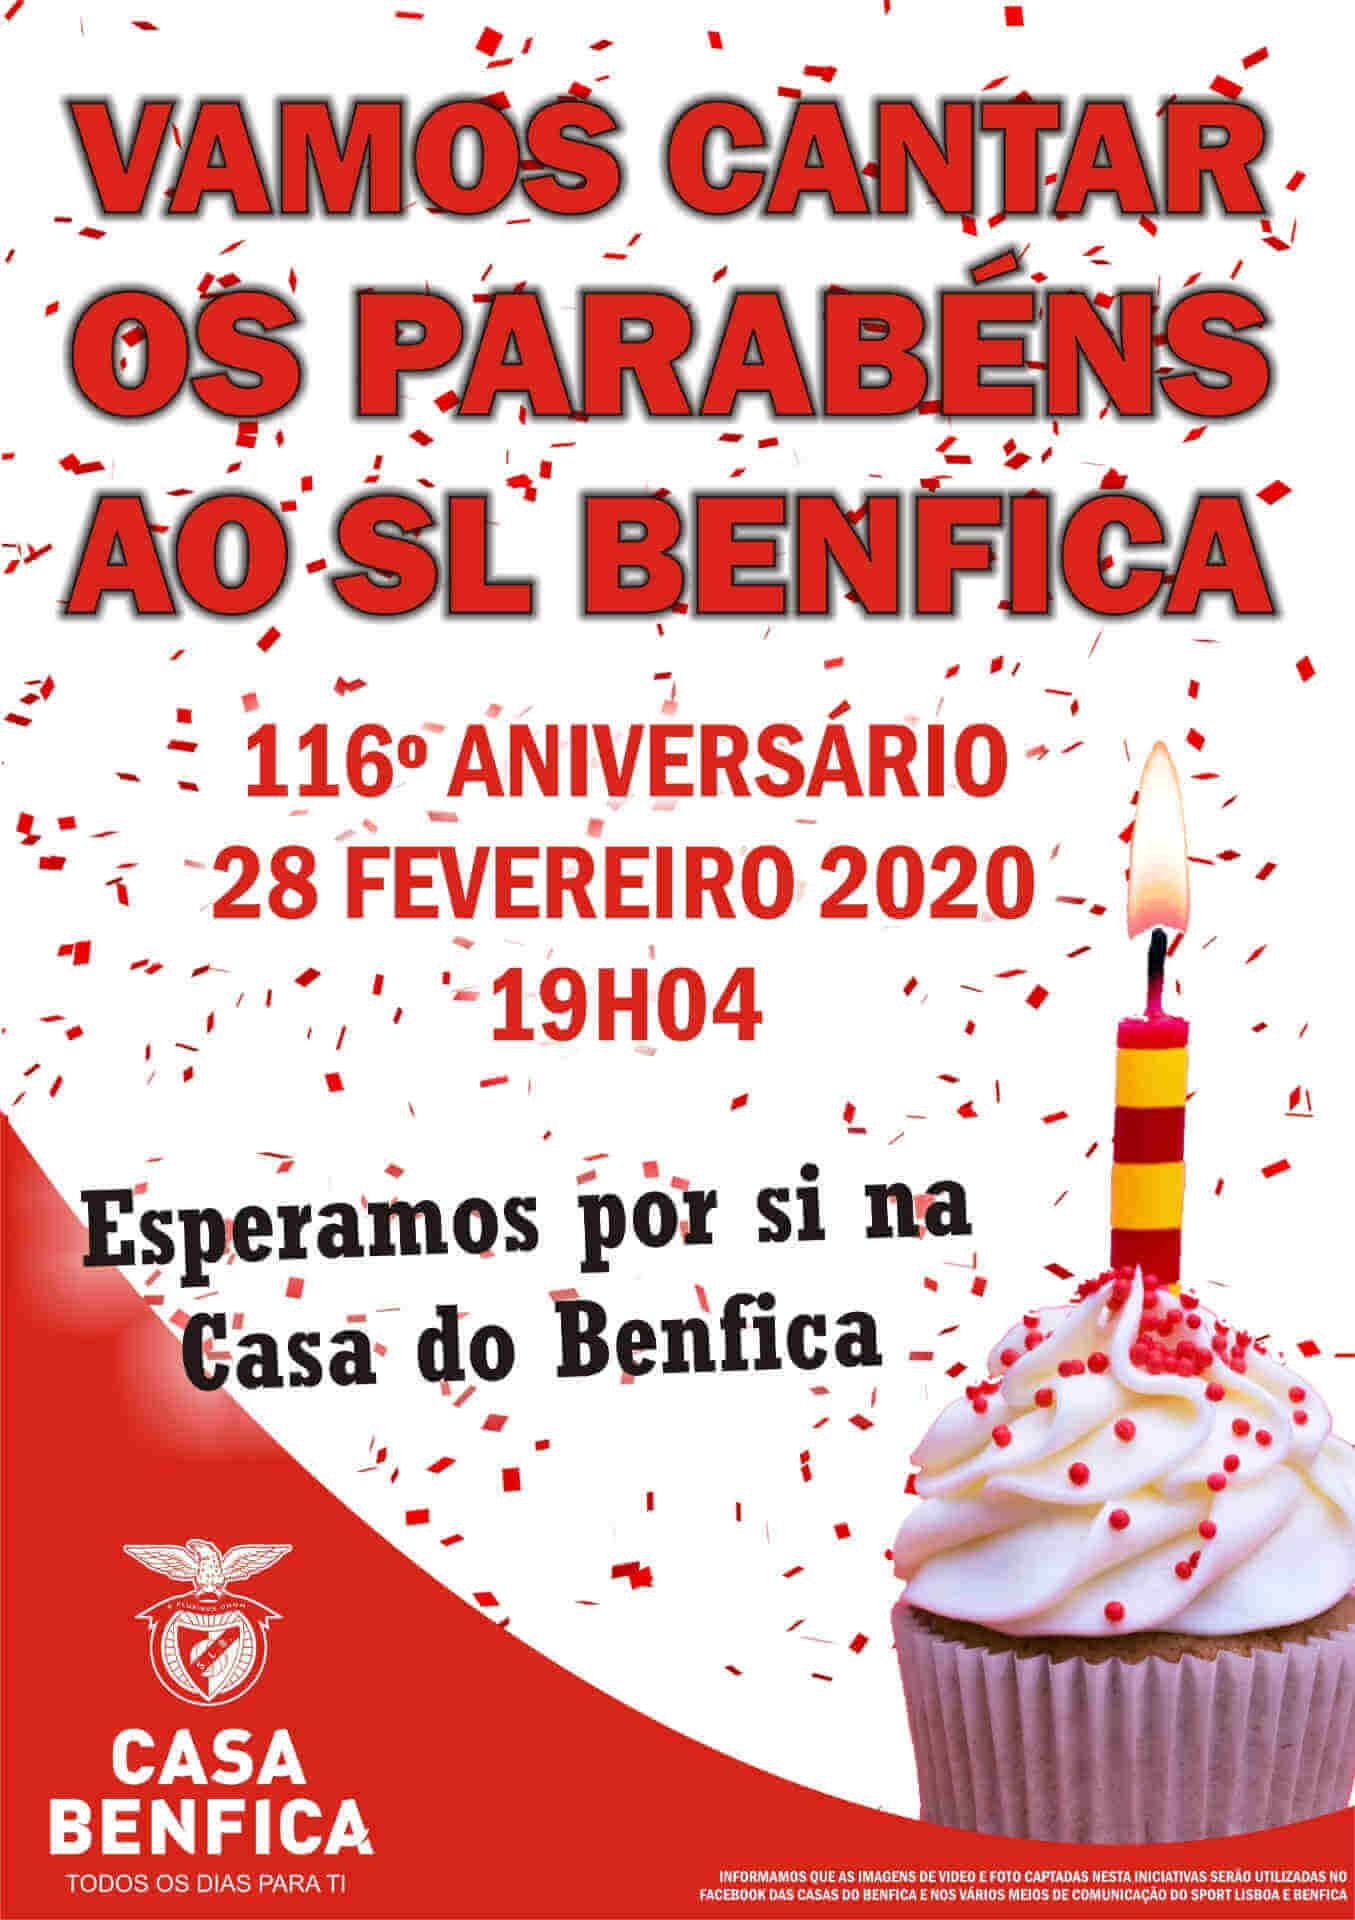 Parabéns Benfica - Casas do Benfica